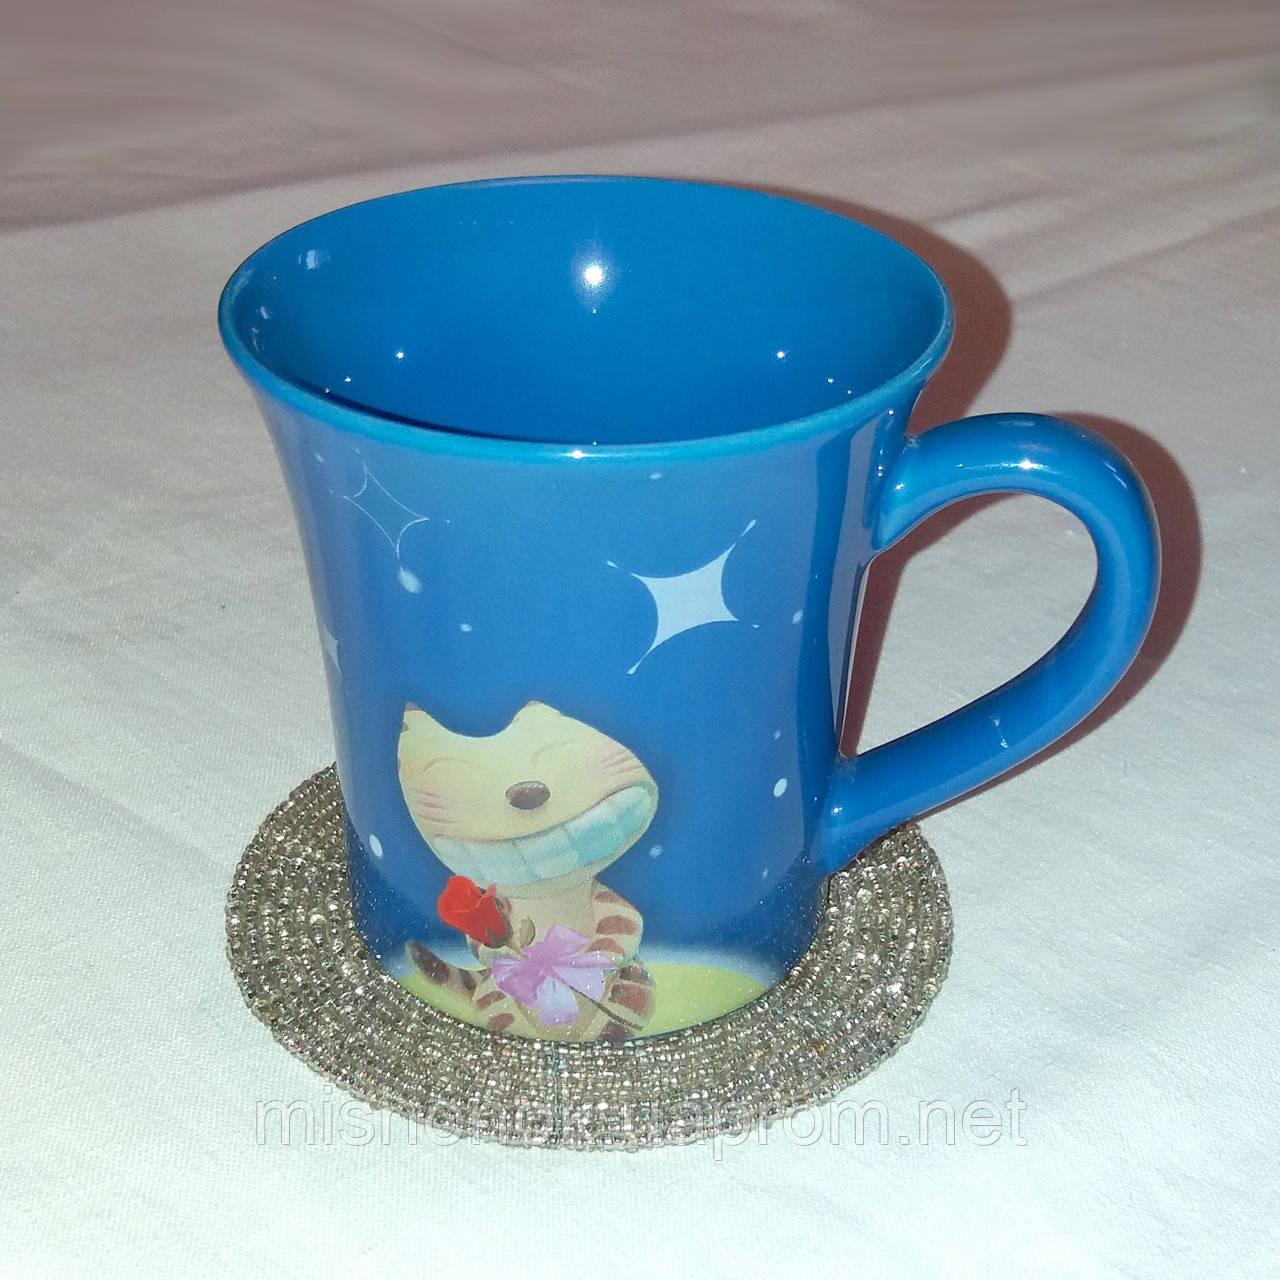 Новая чашка Smile 300 мл + подставка из бисера в подарок